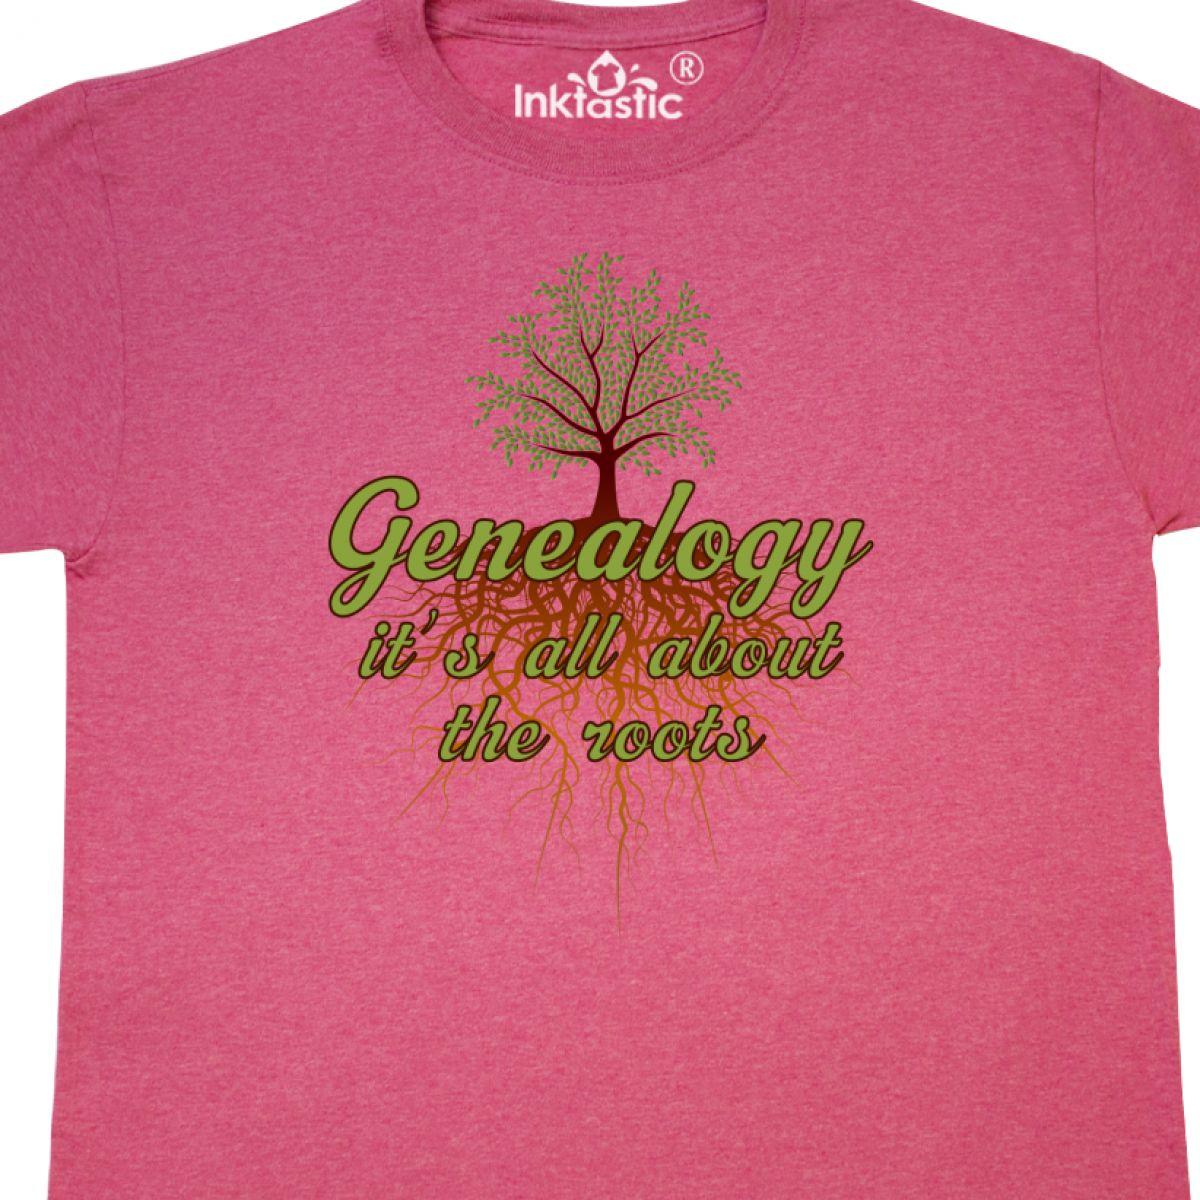 Inktastic Genealogist Gift Family Tree T-Shirt Genealogy History Historian Hobby